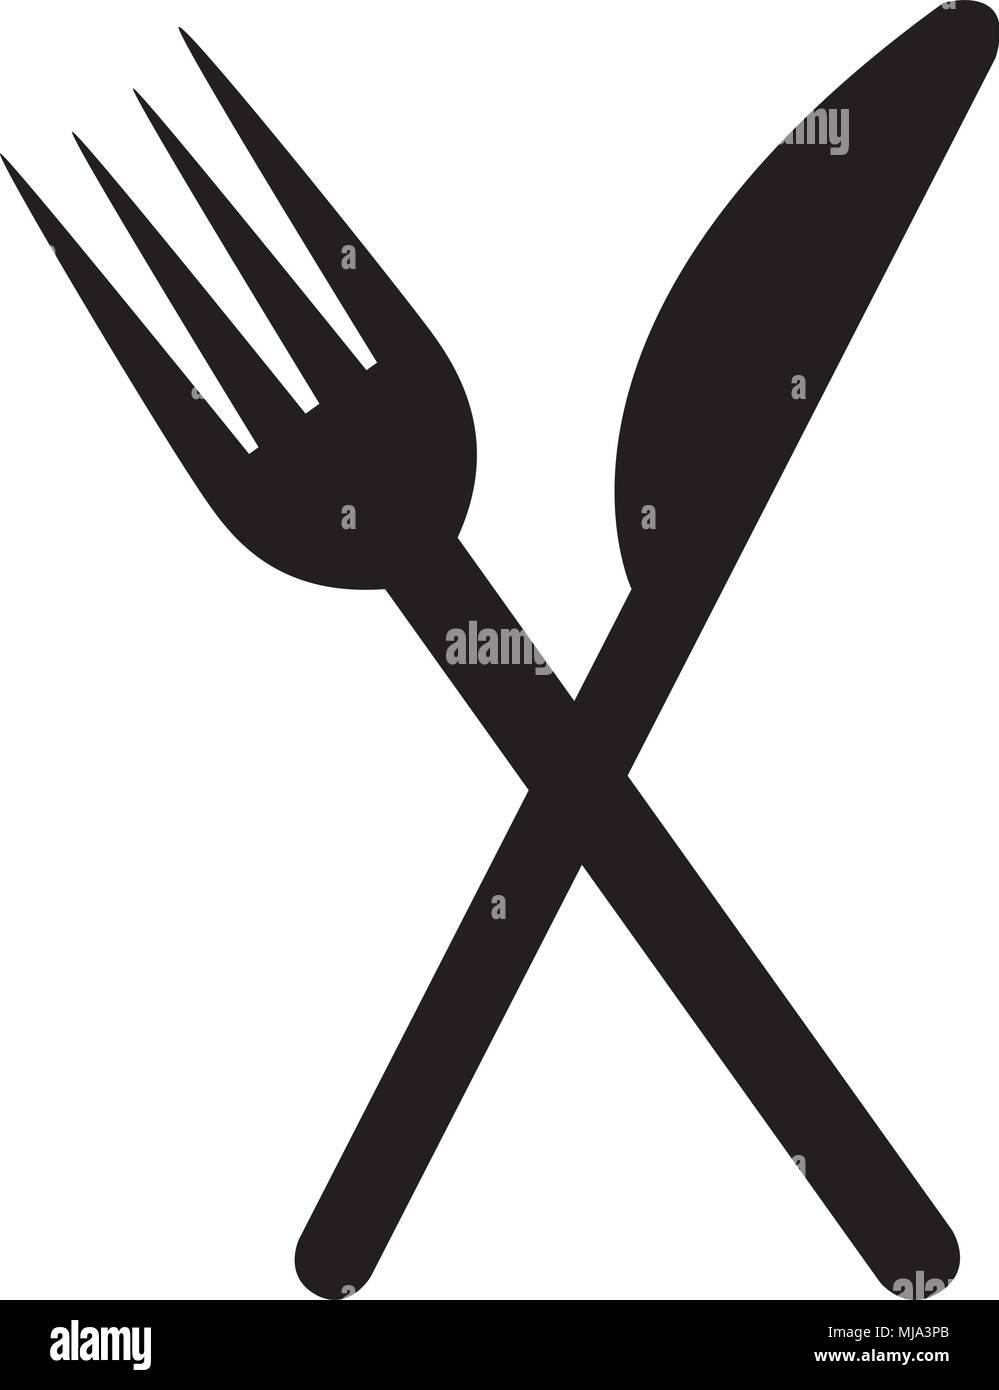 Restaurant Fork And Knife Symbol Pictogram Design Vector